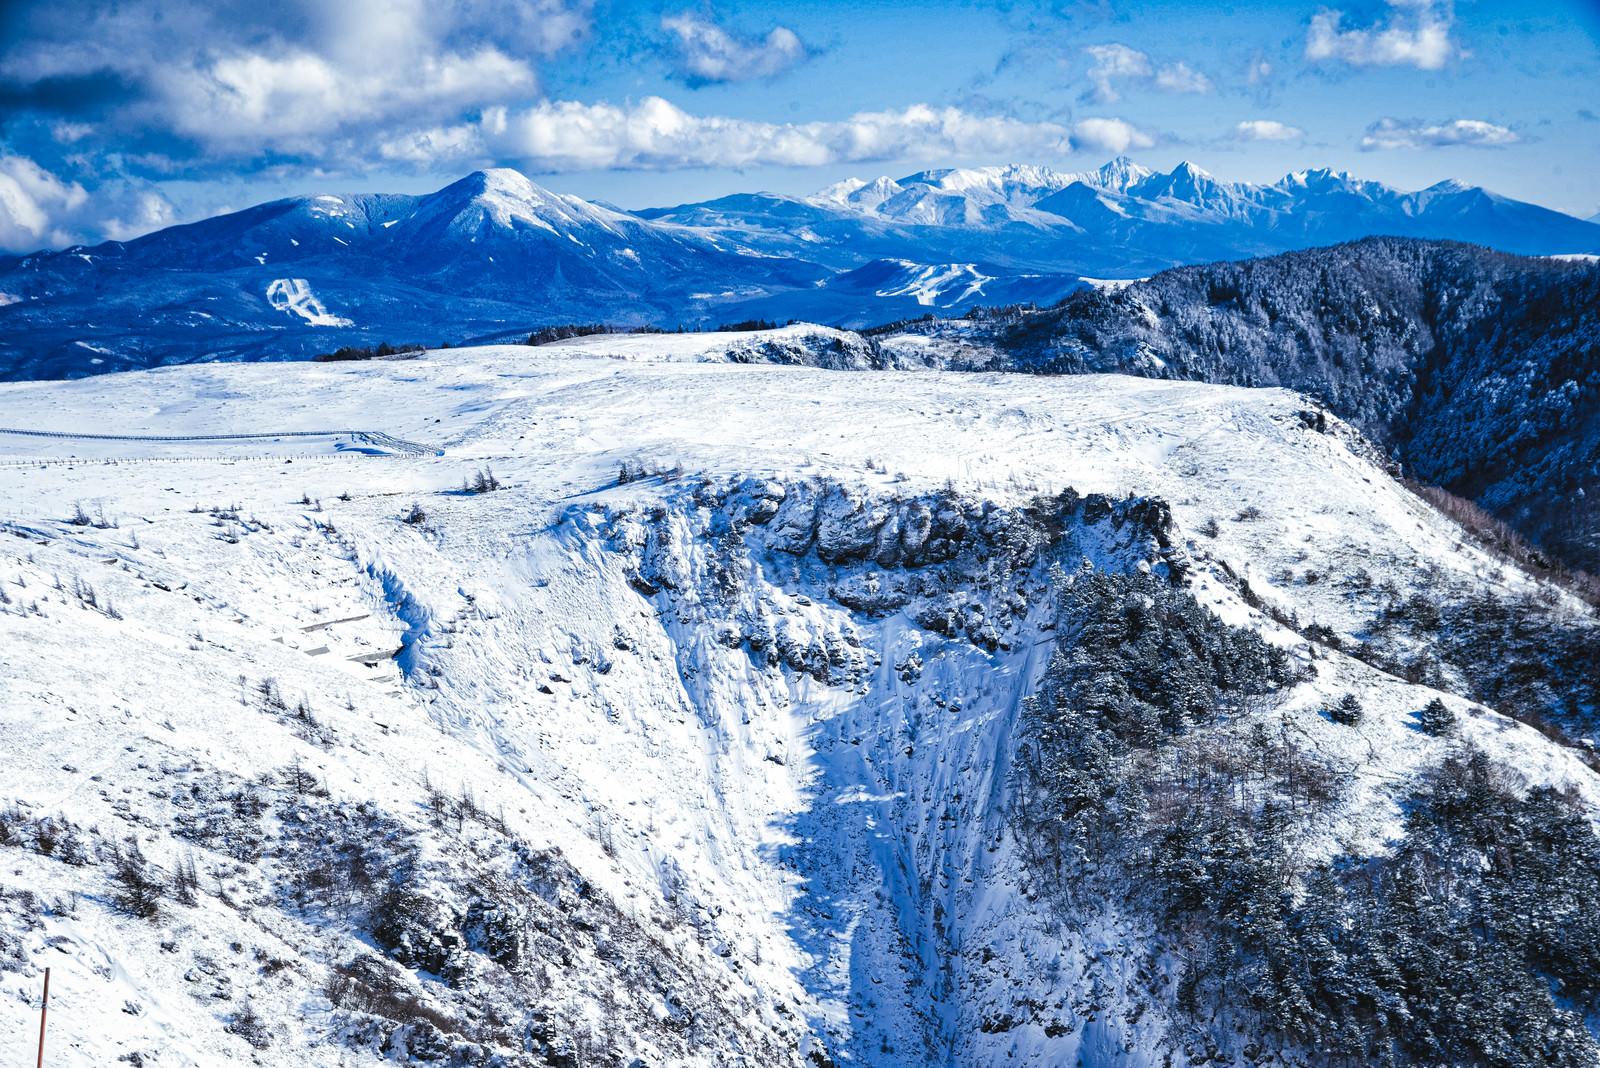 「冬の美ヶ原高原と八ヶ岳」の写真